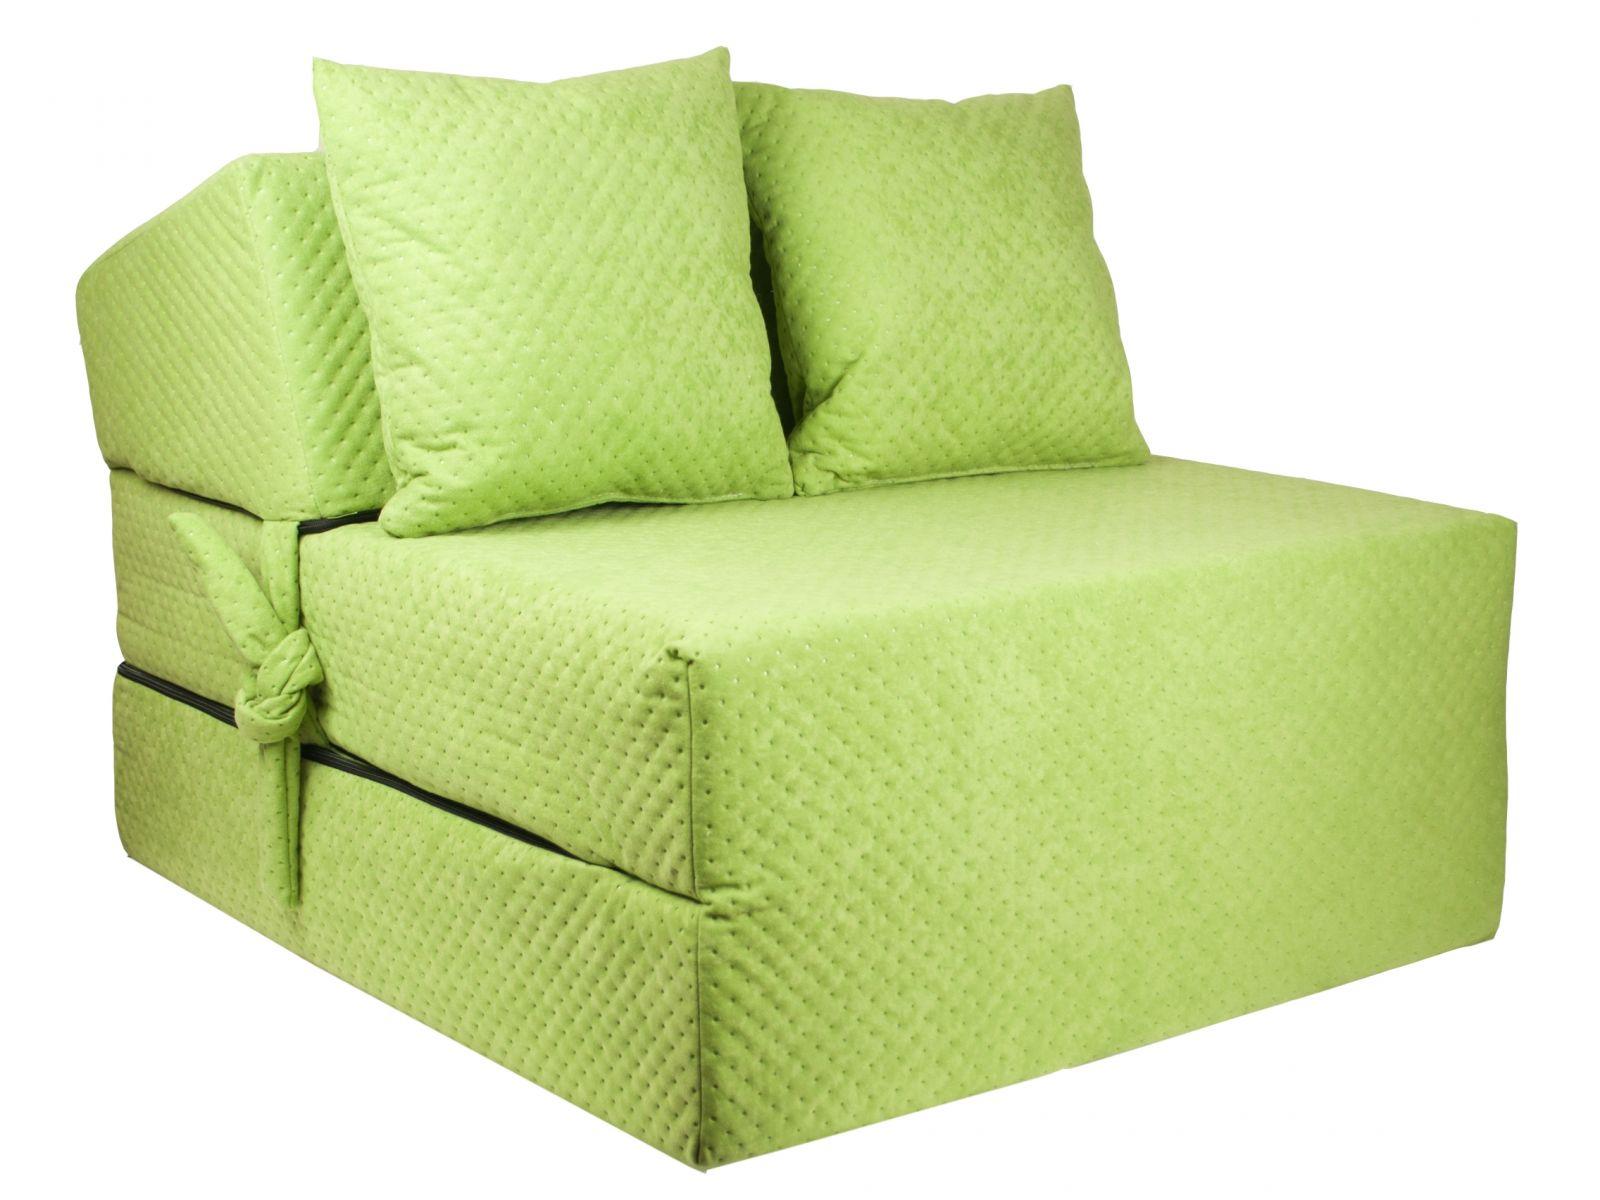 Fimex Rozkládací křeslo - matrace pro hosty Comfort zelené